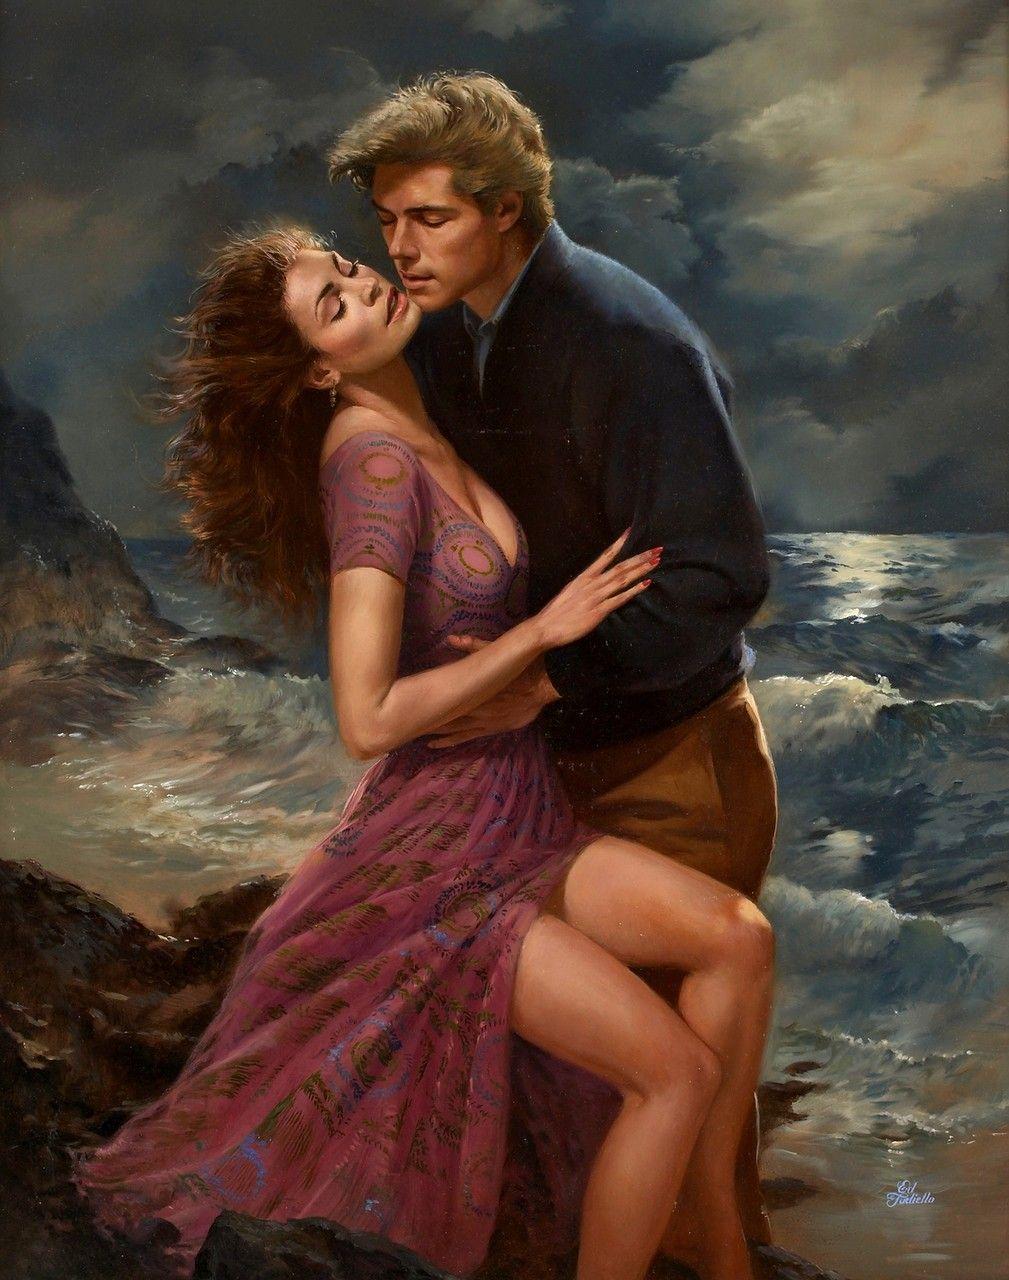 Картинки о мужчинах любовные романы